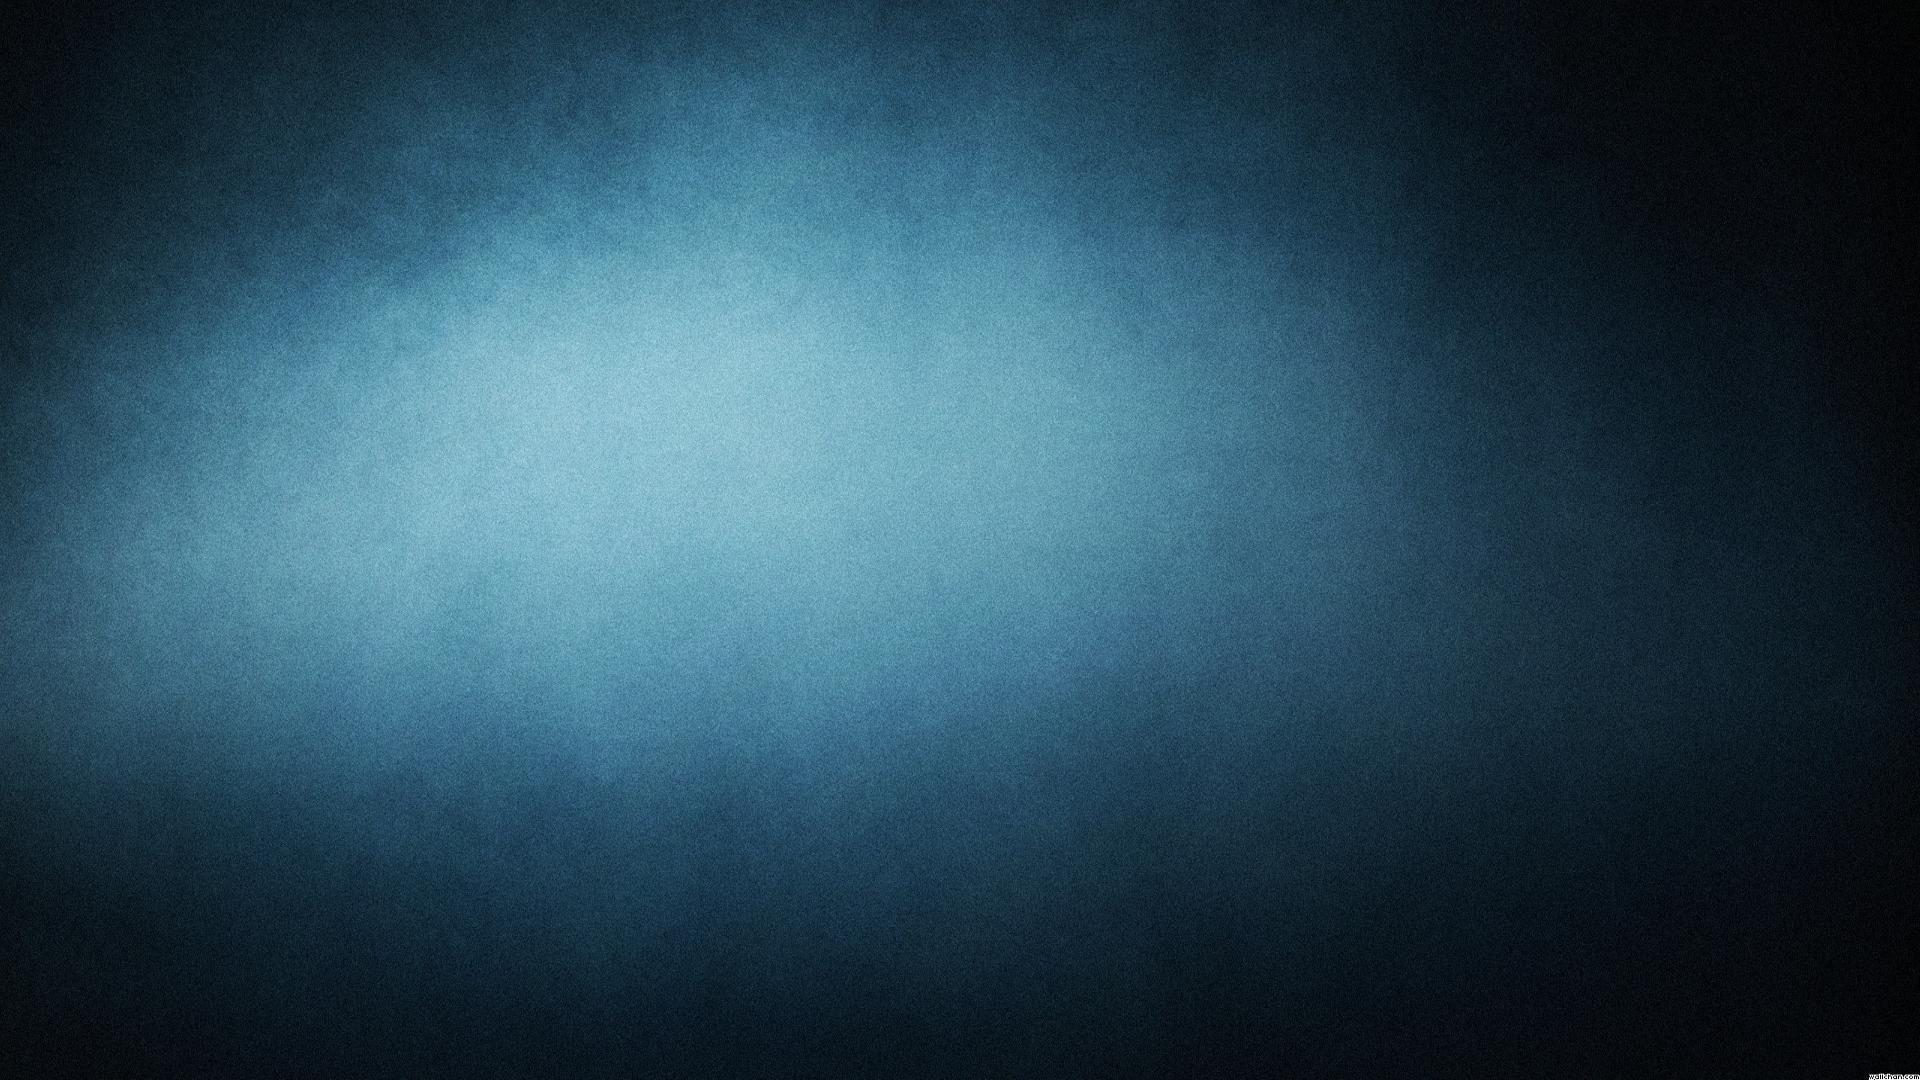 Dark Blue Background 635670 …